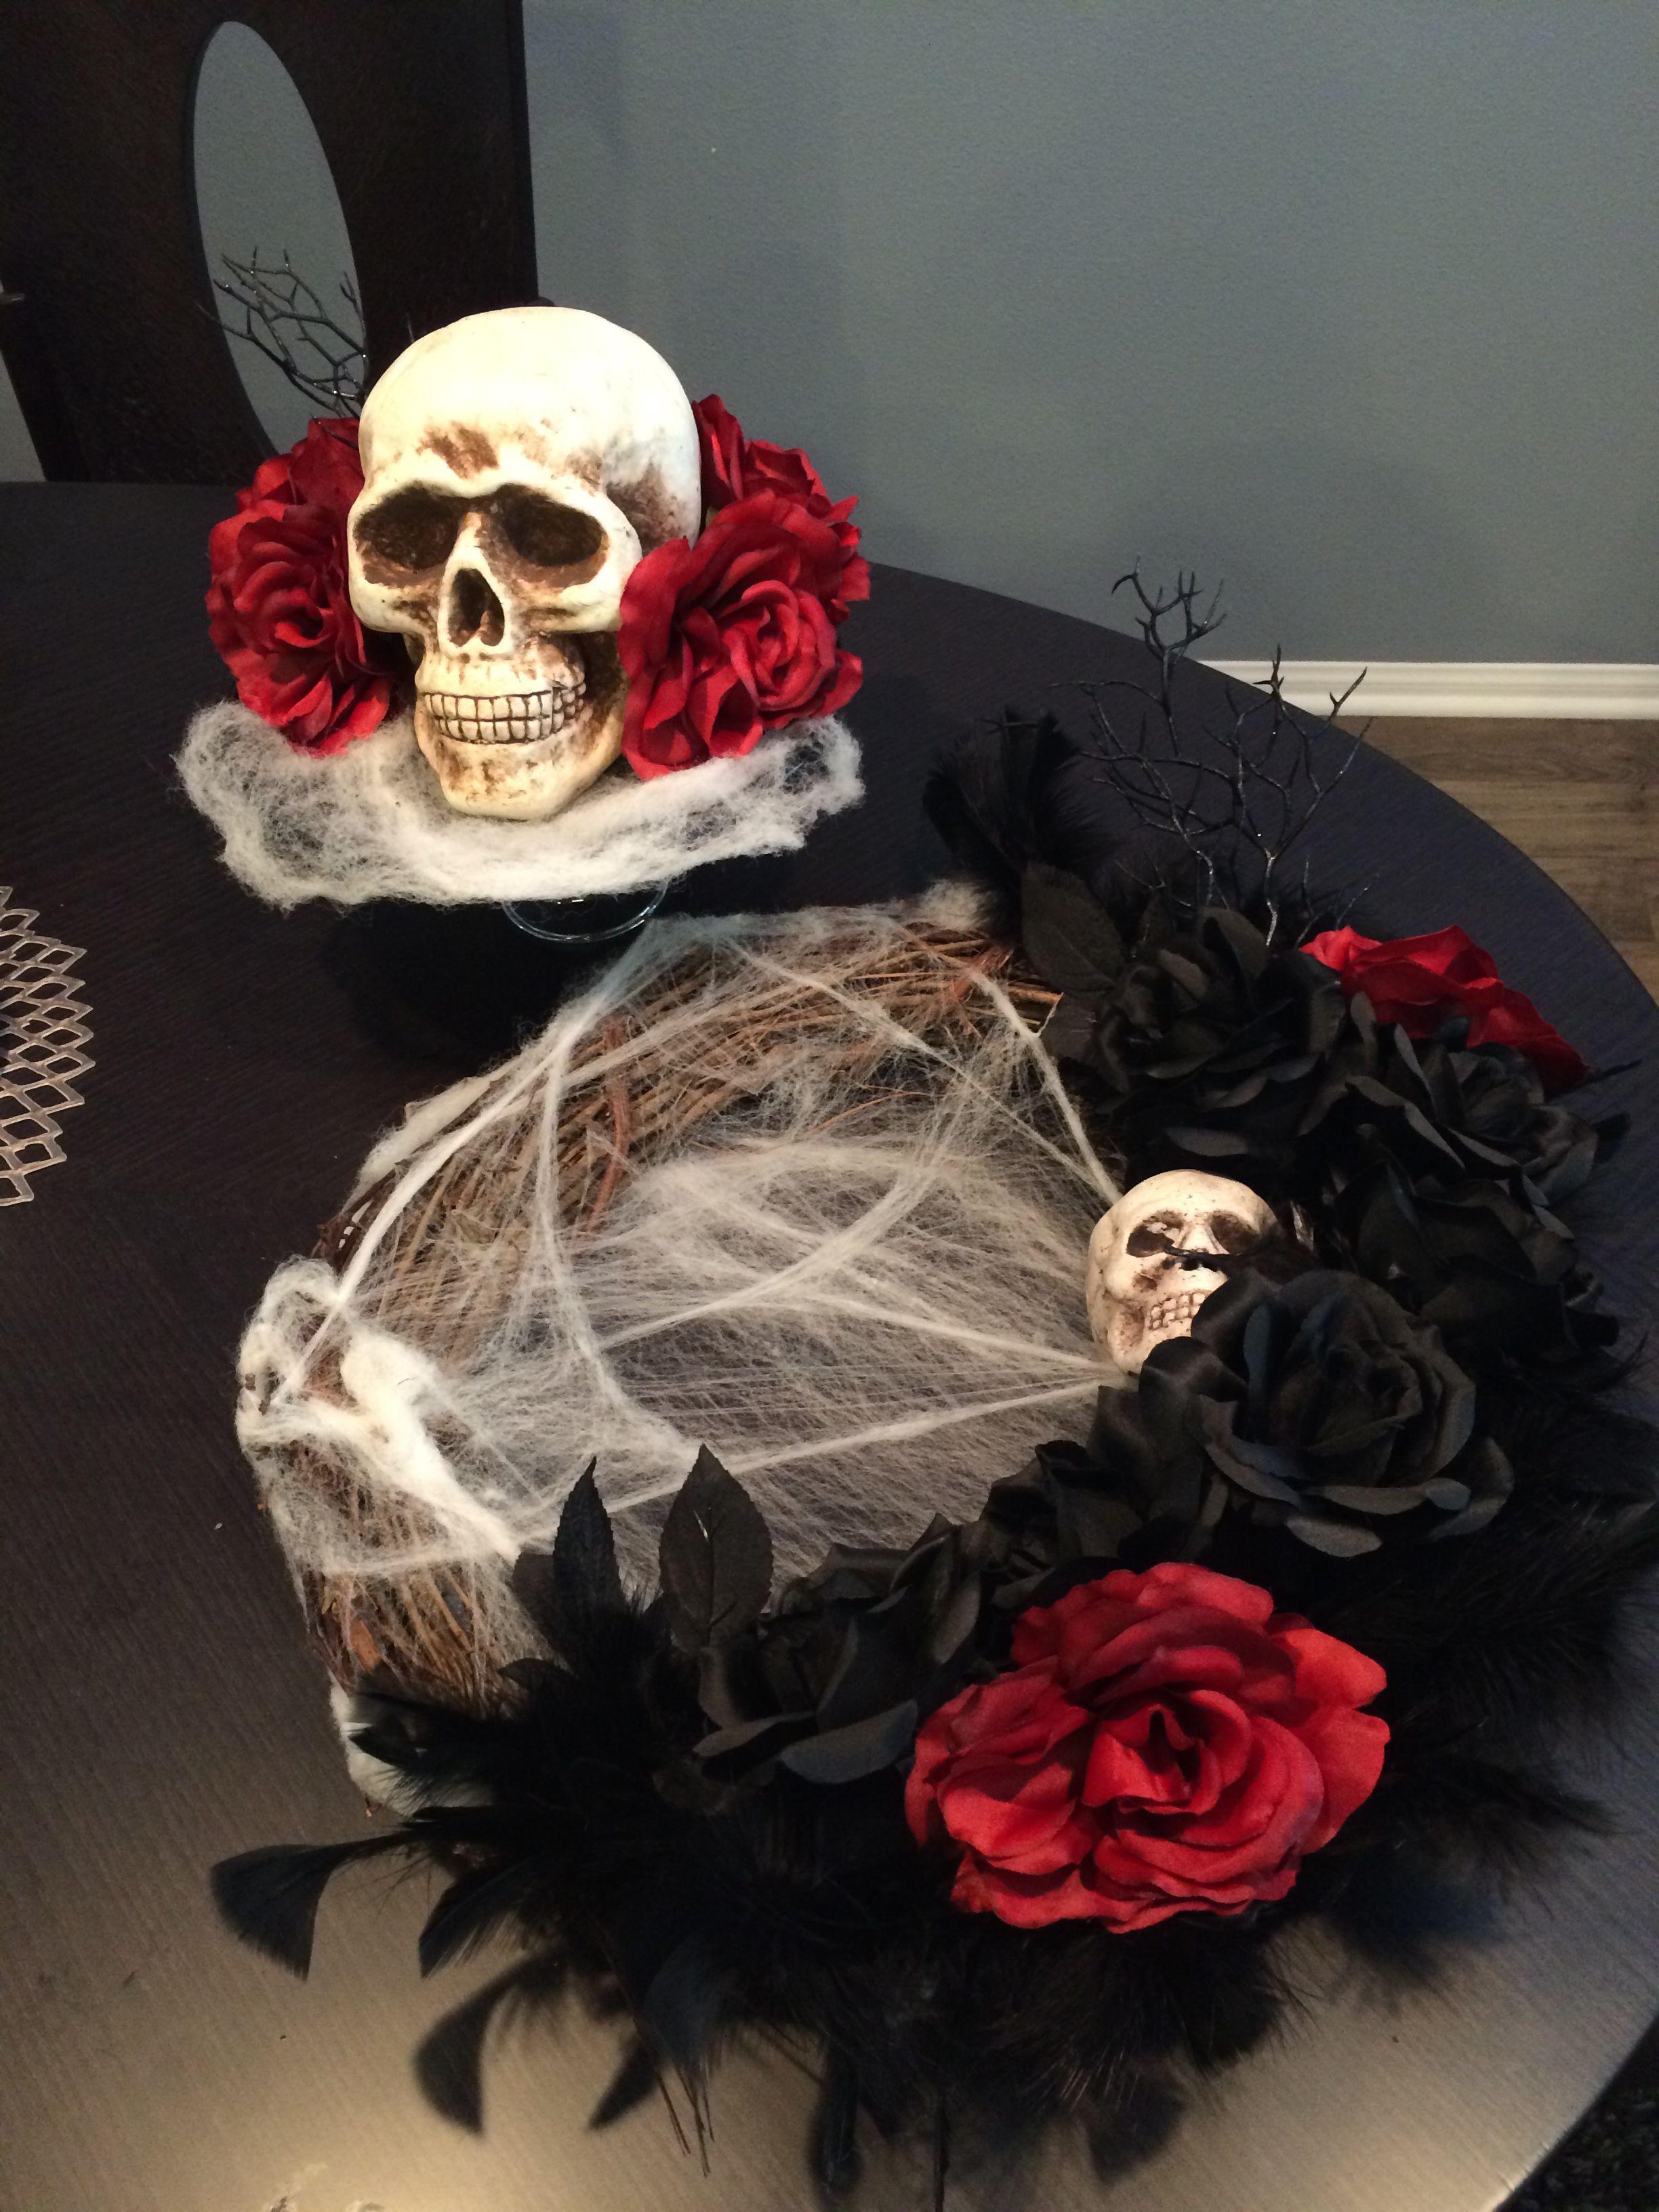 DIY Romantically creepy Halloween decor Halloween decor - halloween diy decor